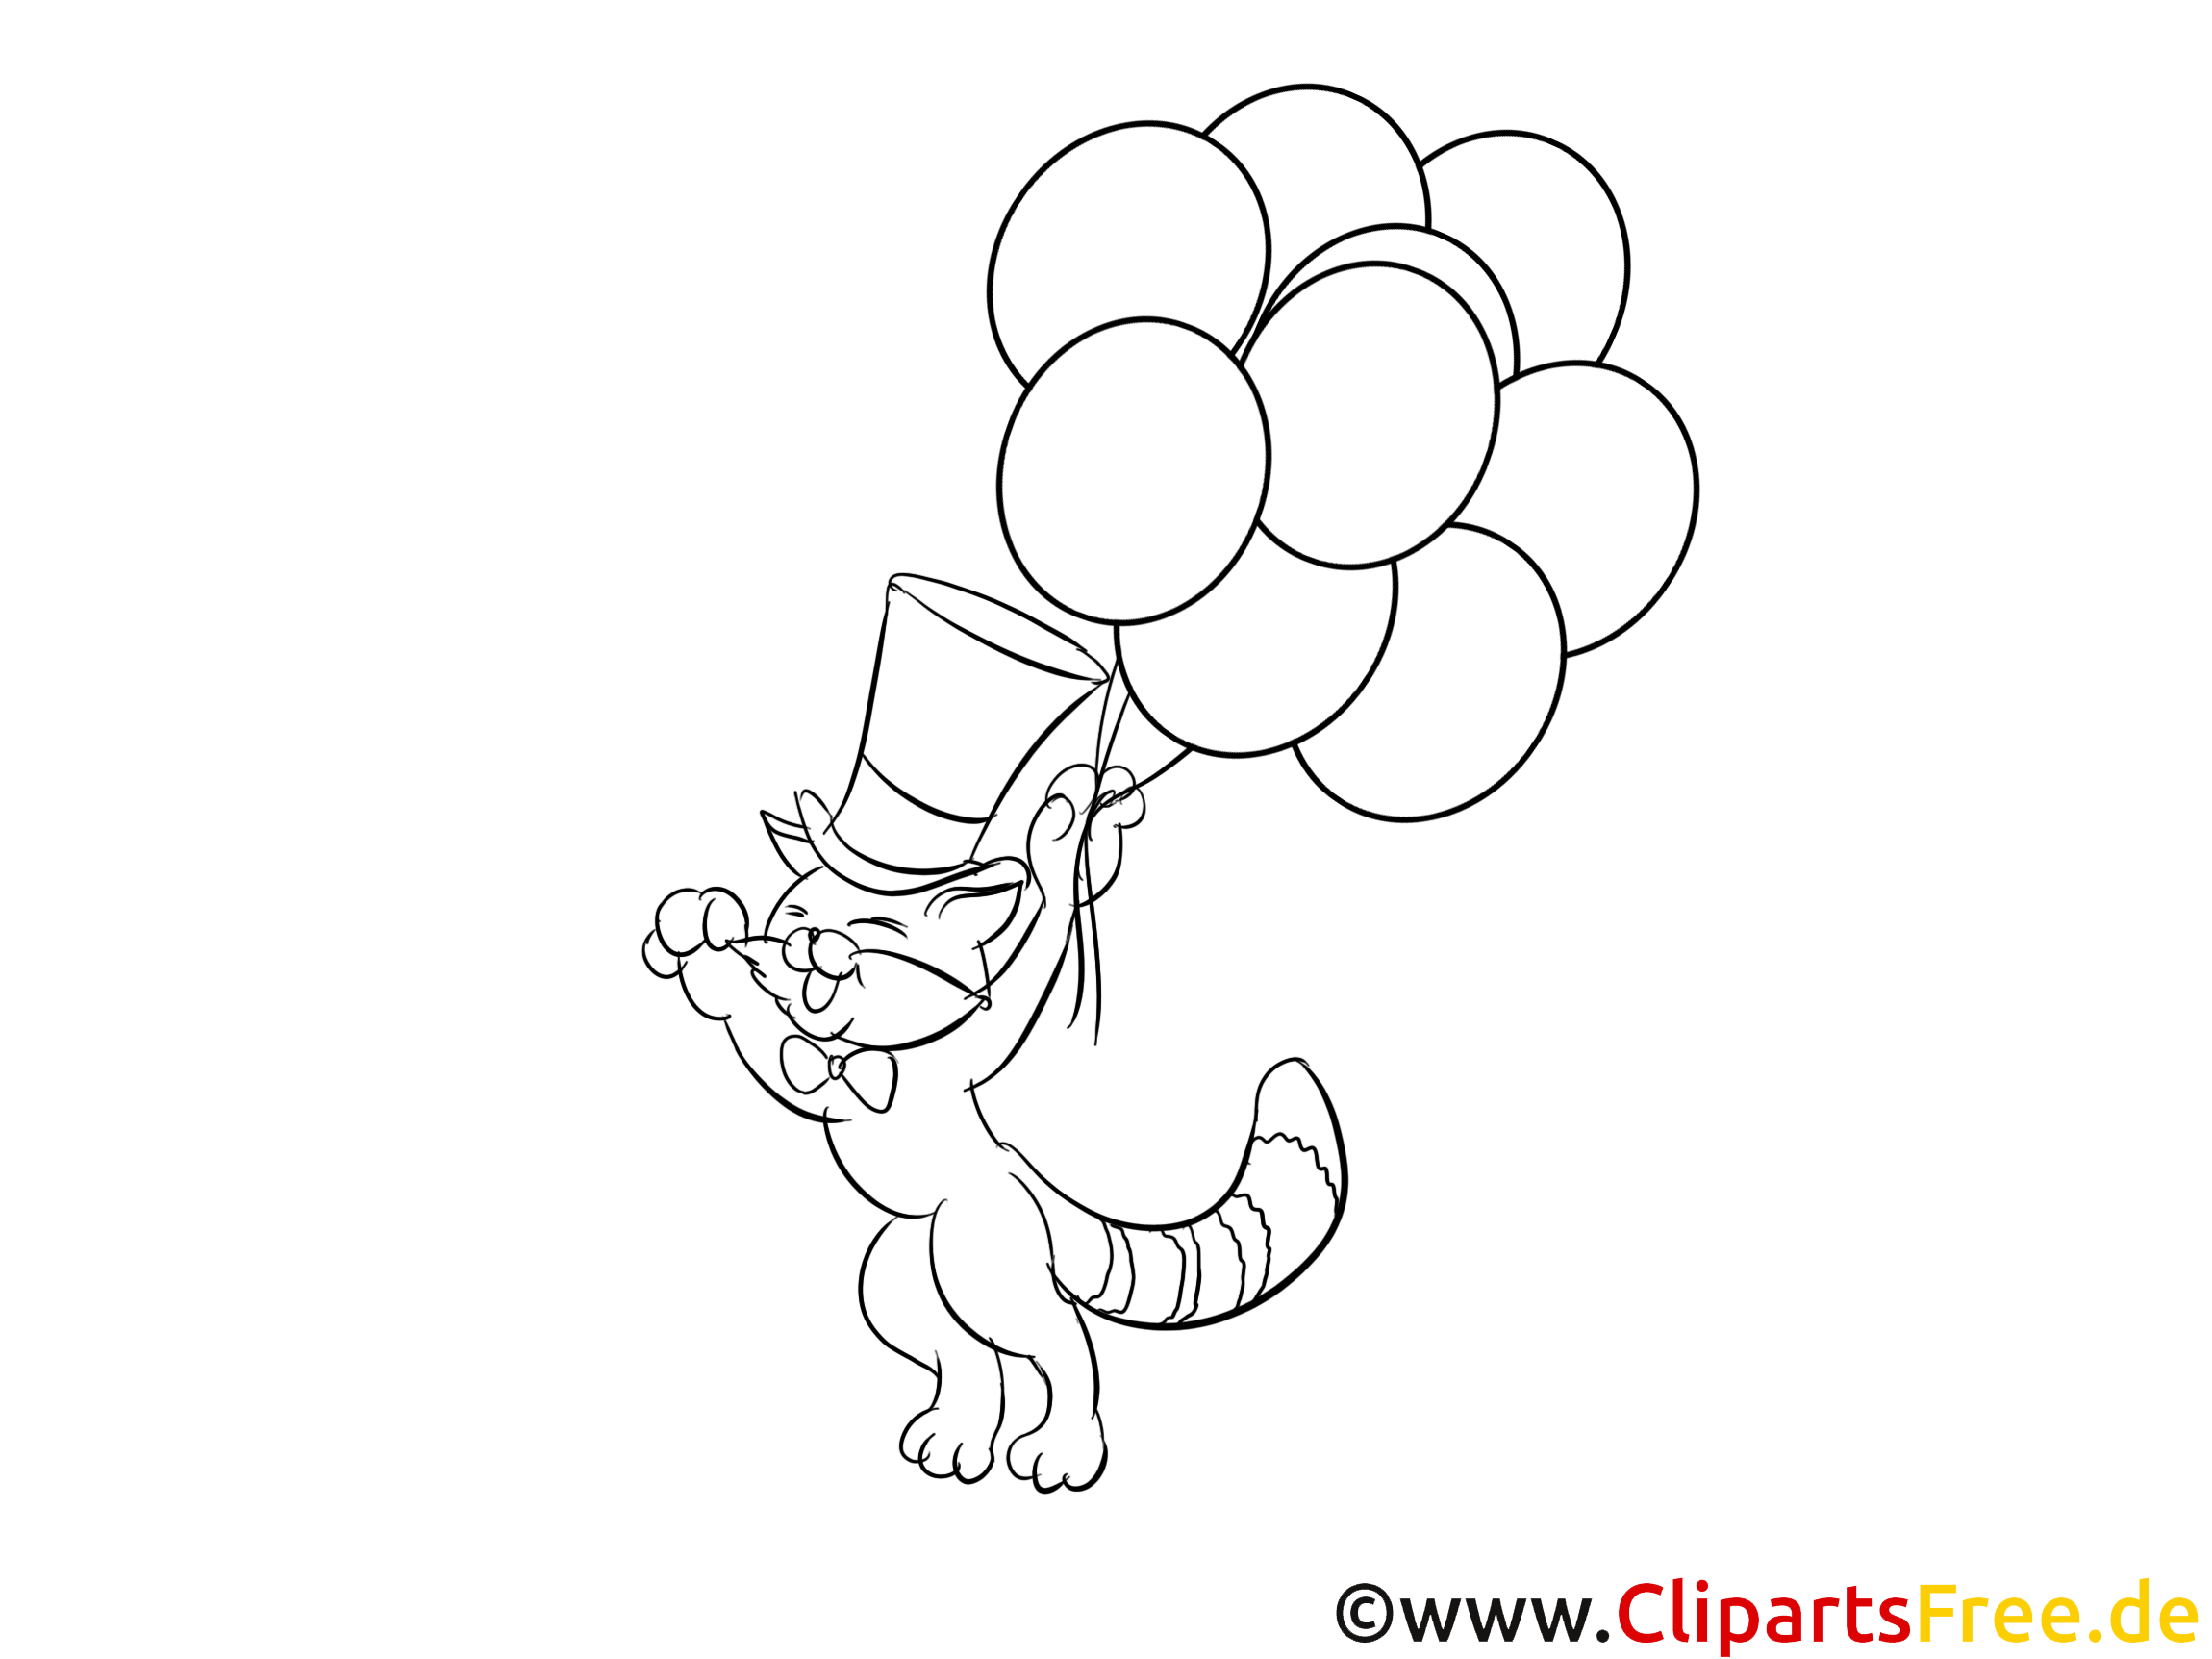 Tolle Ballon Malvorlagen Zeitgenössisch - Beispiel Anschreiben für ...